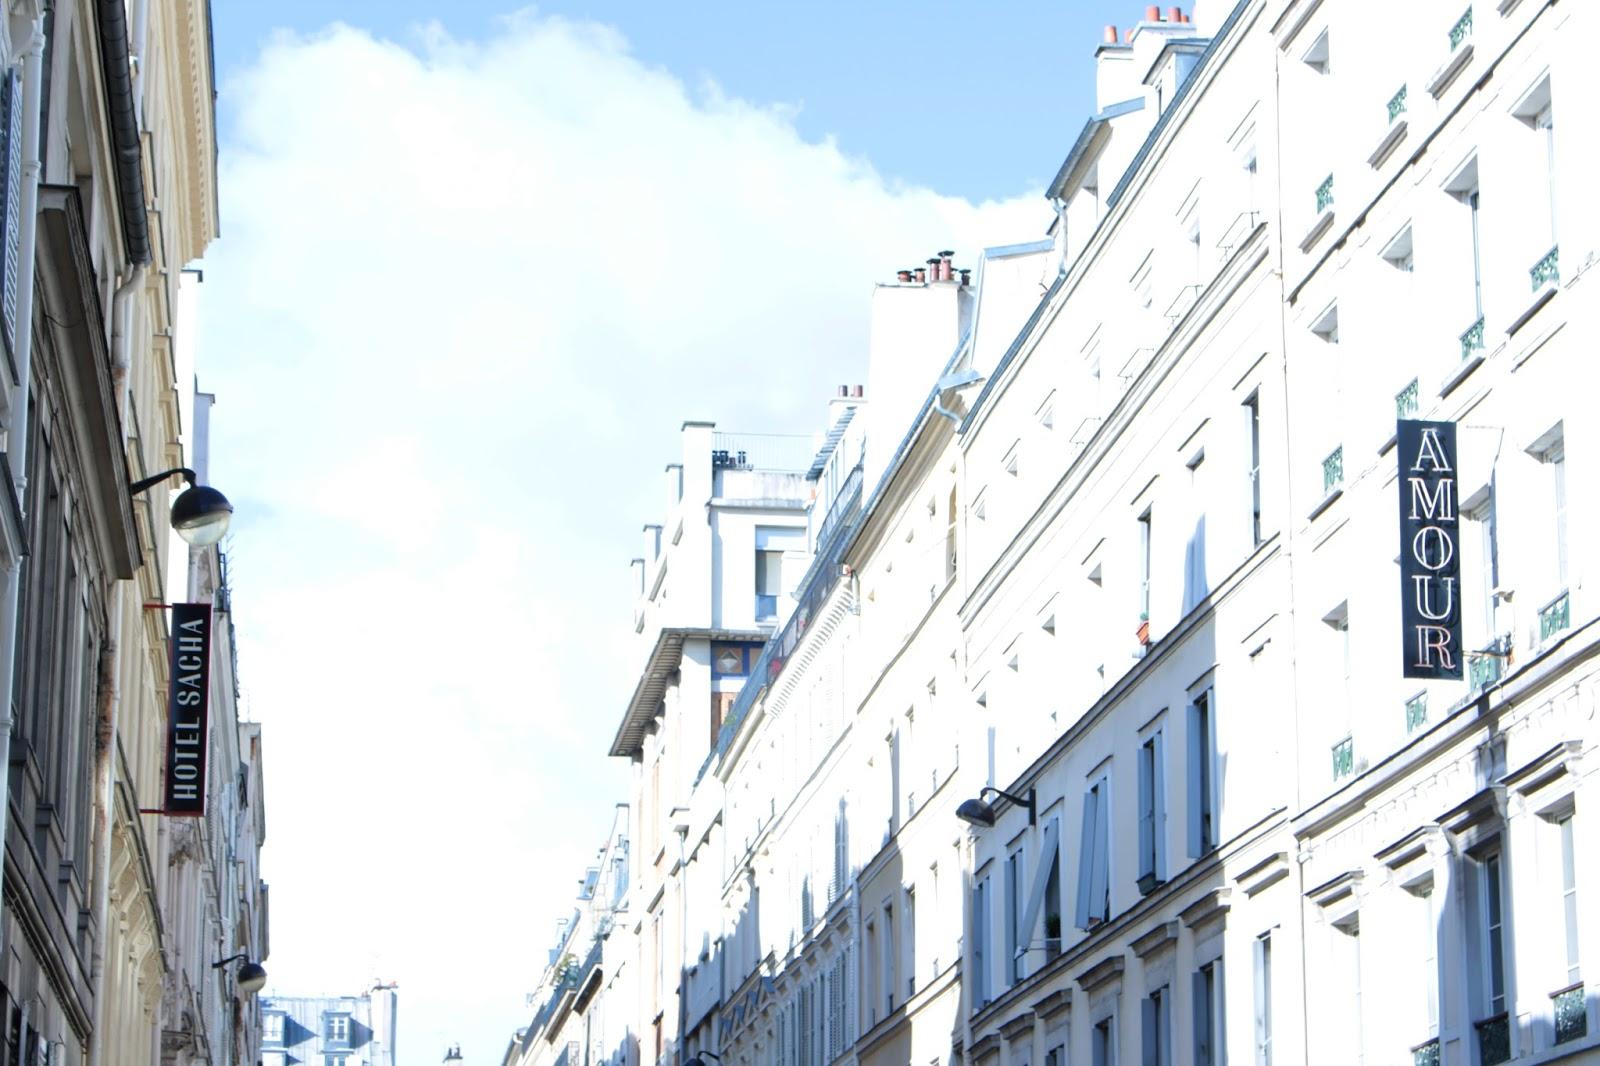 Appart hôtel Paris : quelles sont les commodités disponibles ?